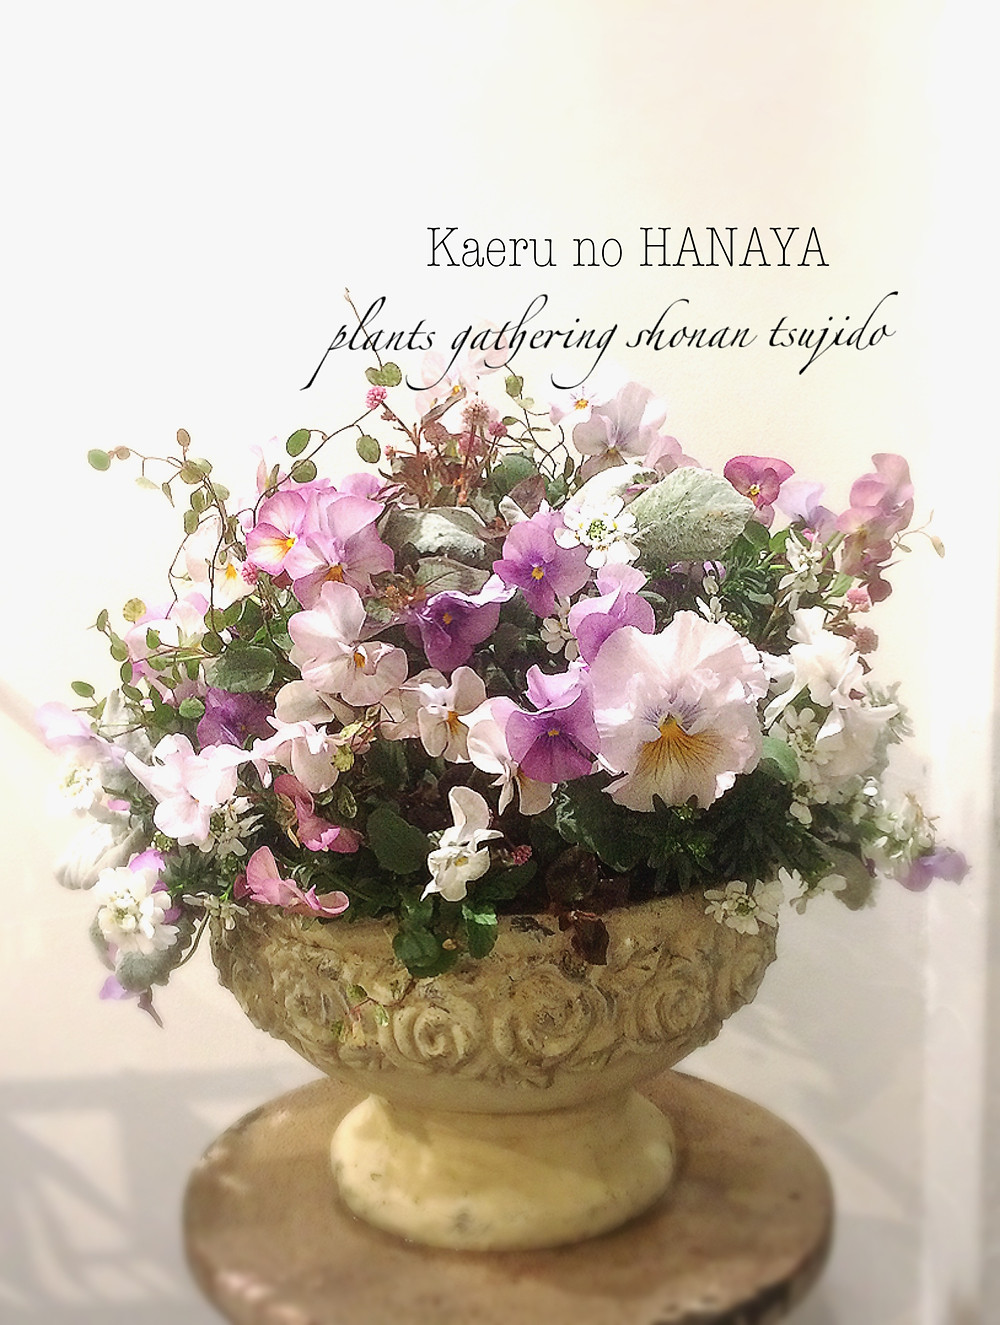 Kaeru no HANAYAのギャザリング教室